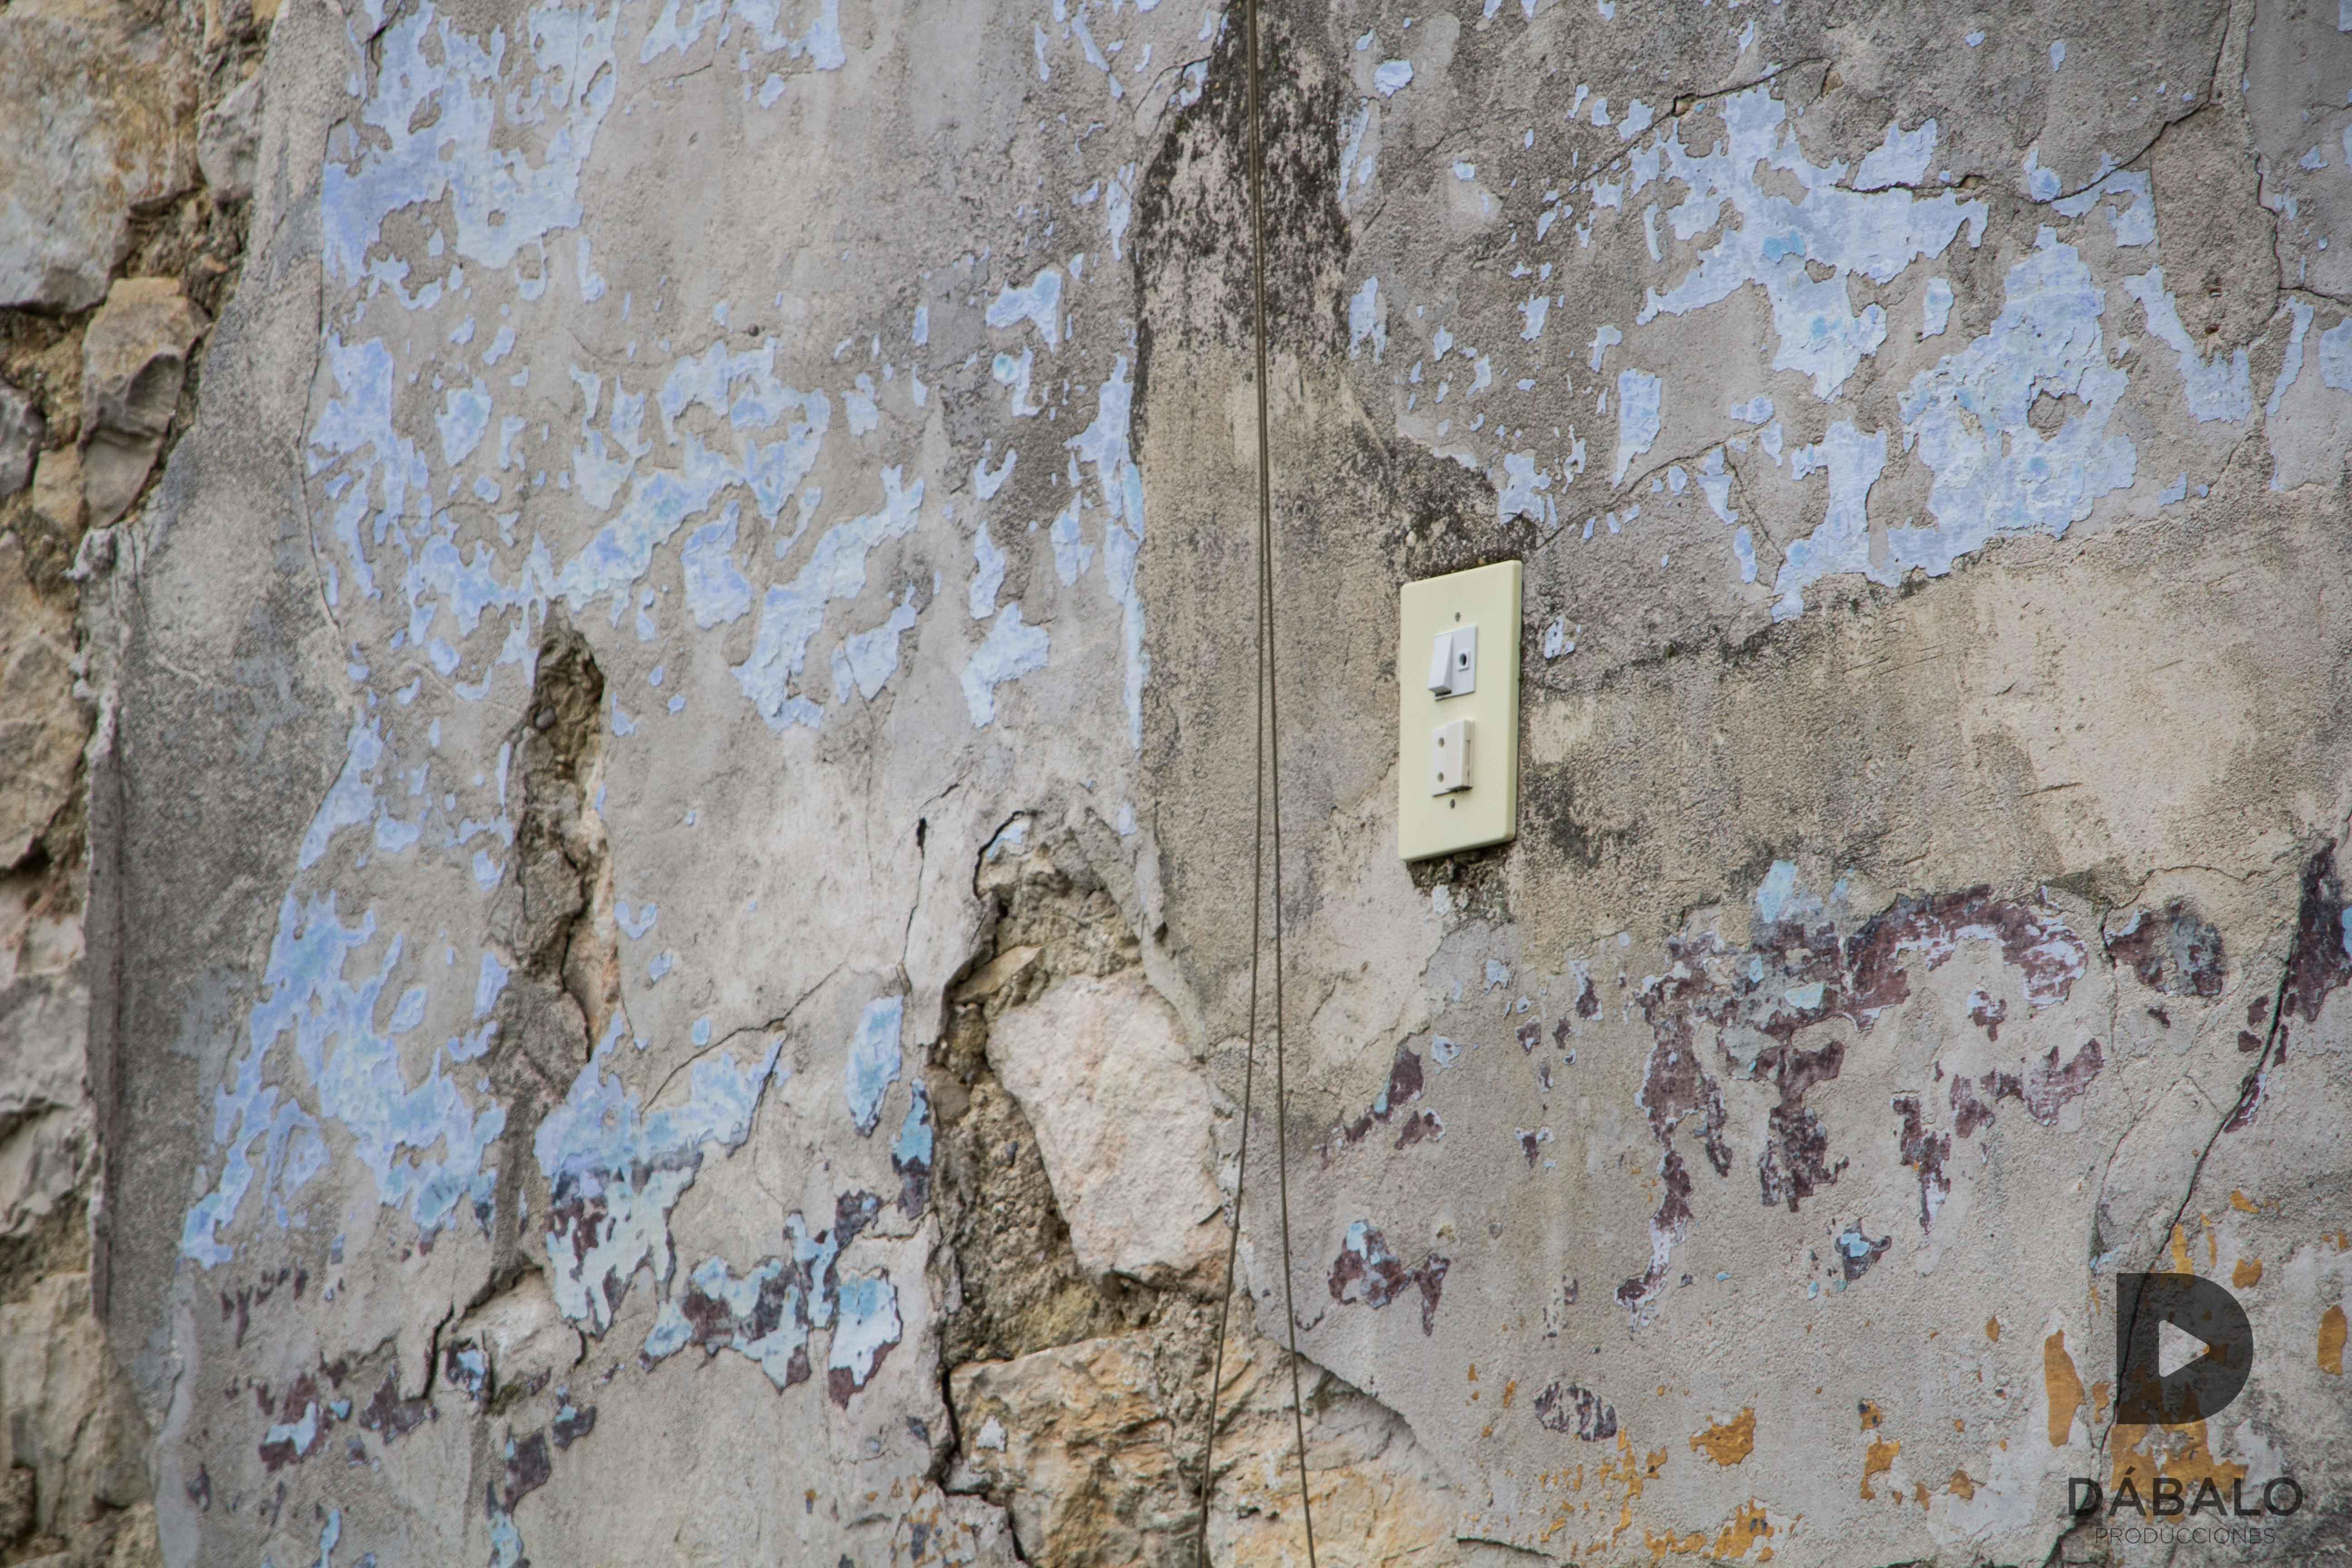 FOTO 9: Detalle de un enchufe de corriente que aún permanece en una de las paredes de un solar abandonado, por las callejuelas de La Magdalena.